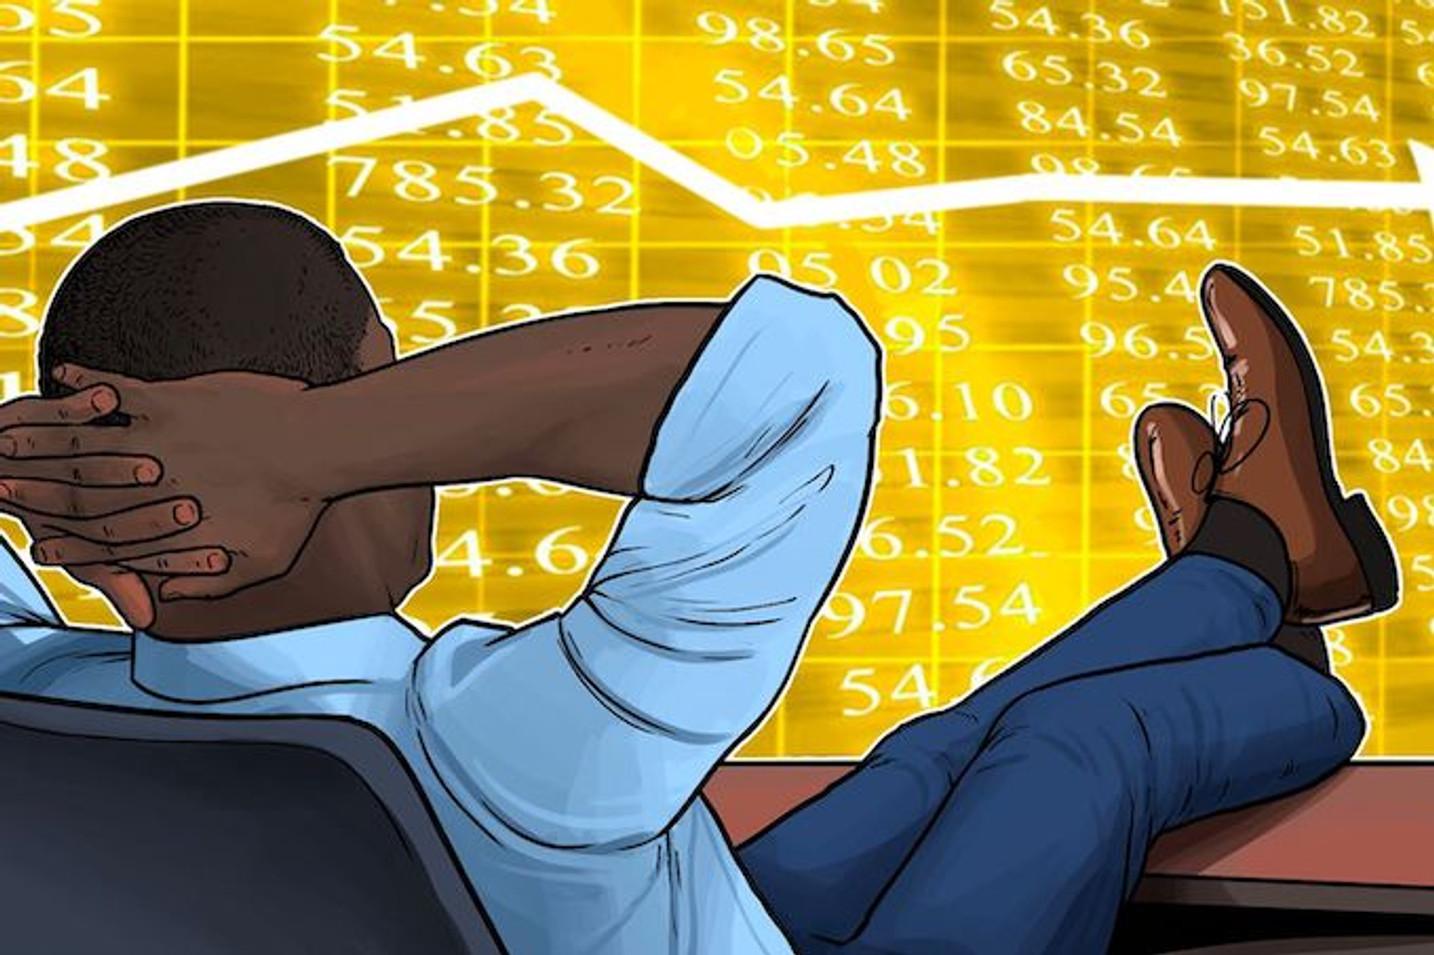 ビットコインは狭いレンジで推移、アルトコインは立ち直れず|仮想通貨相場市況(4月25日)